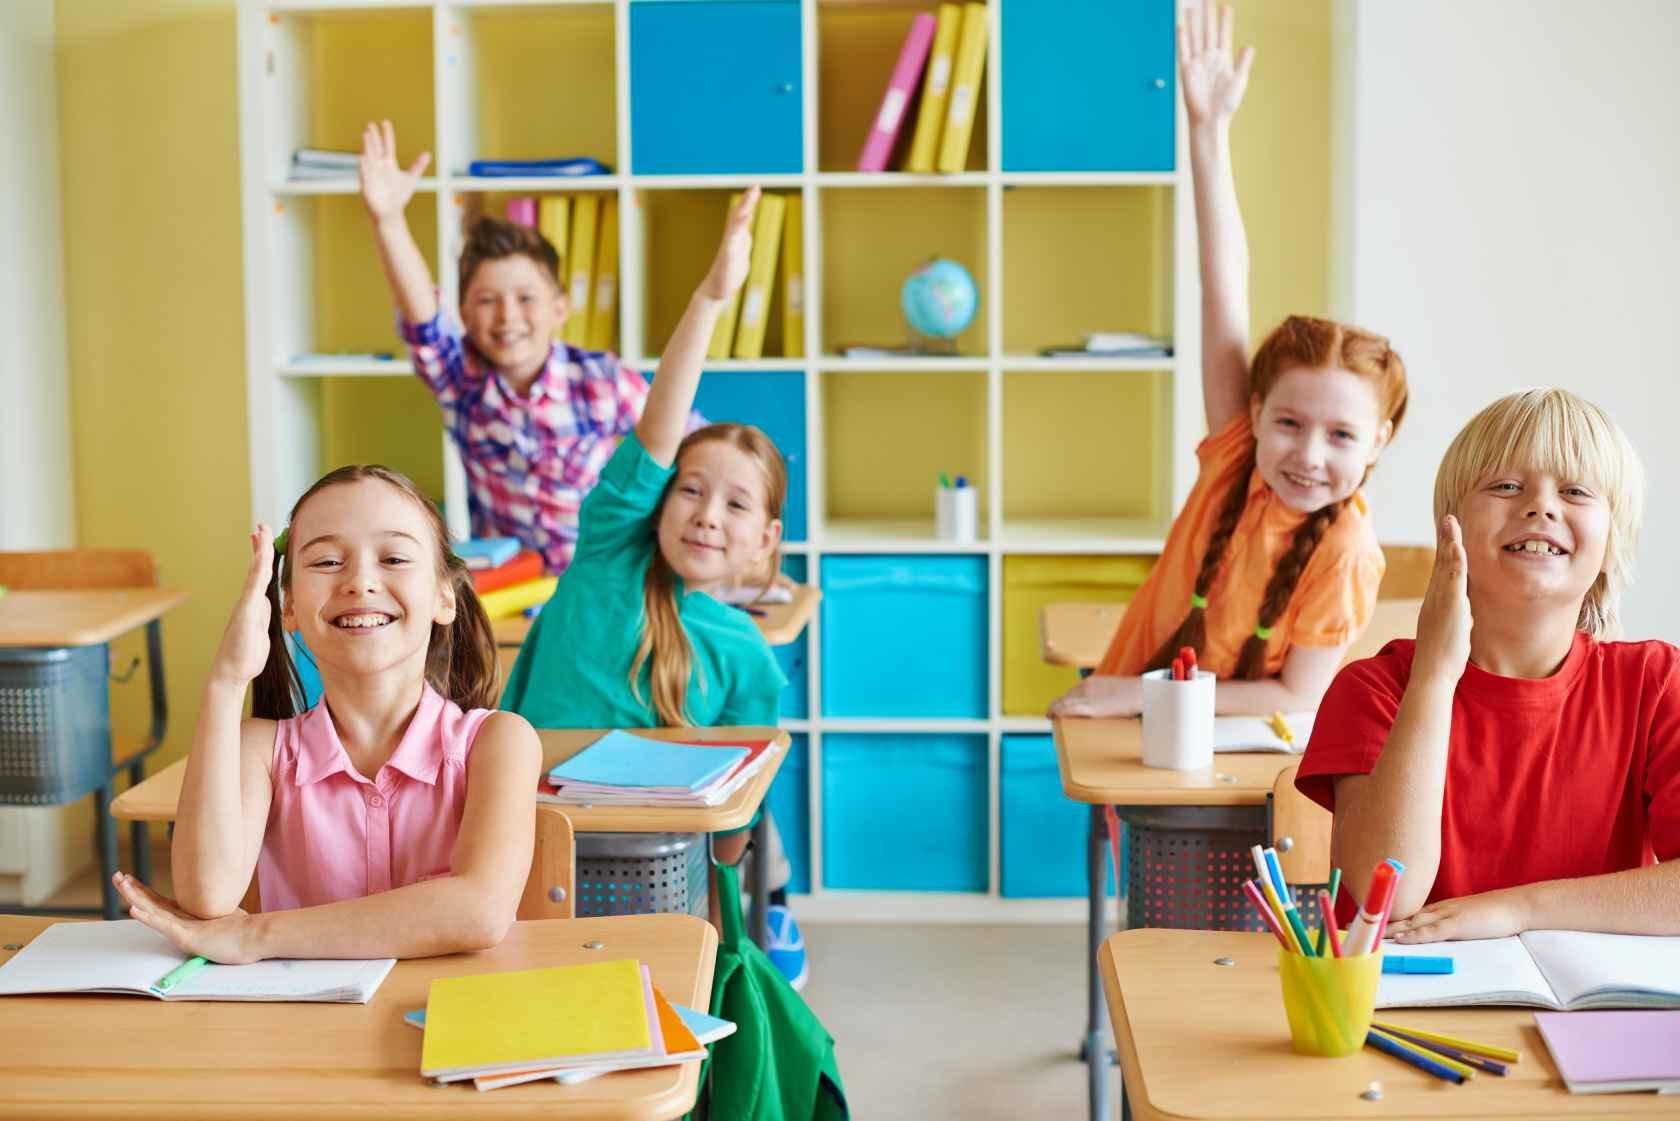 La nueva forma de enseñar, comunicando con color